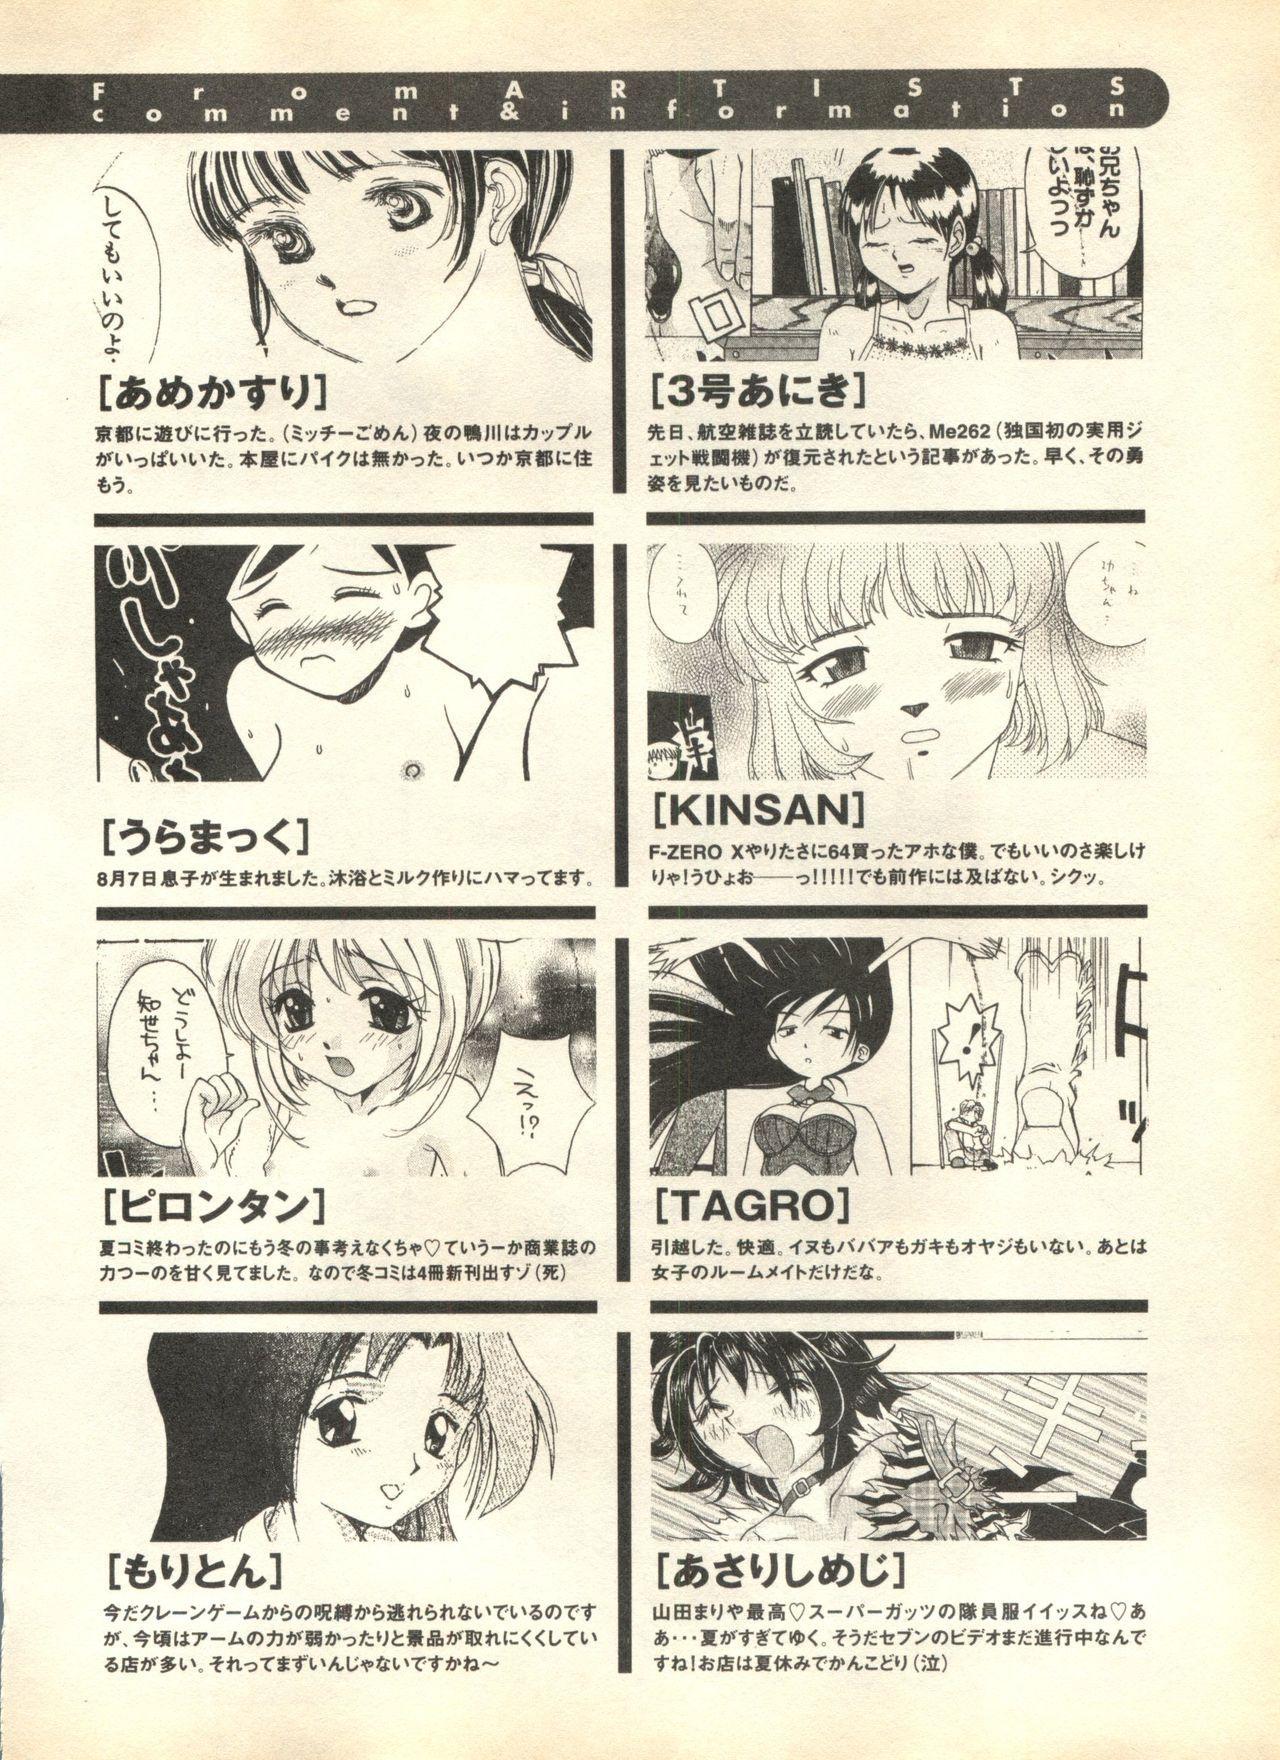 Pai;kuu 1998 October Vol. 13 259